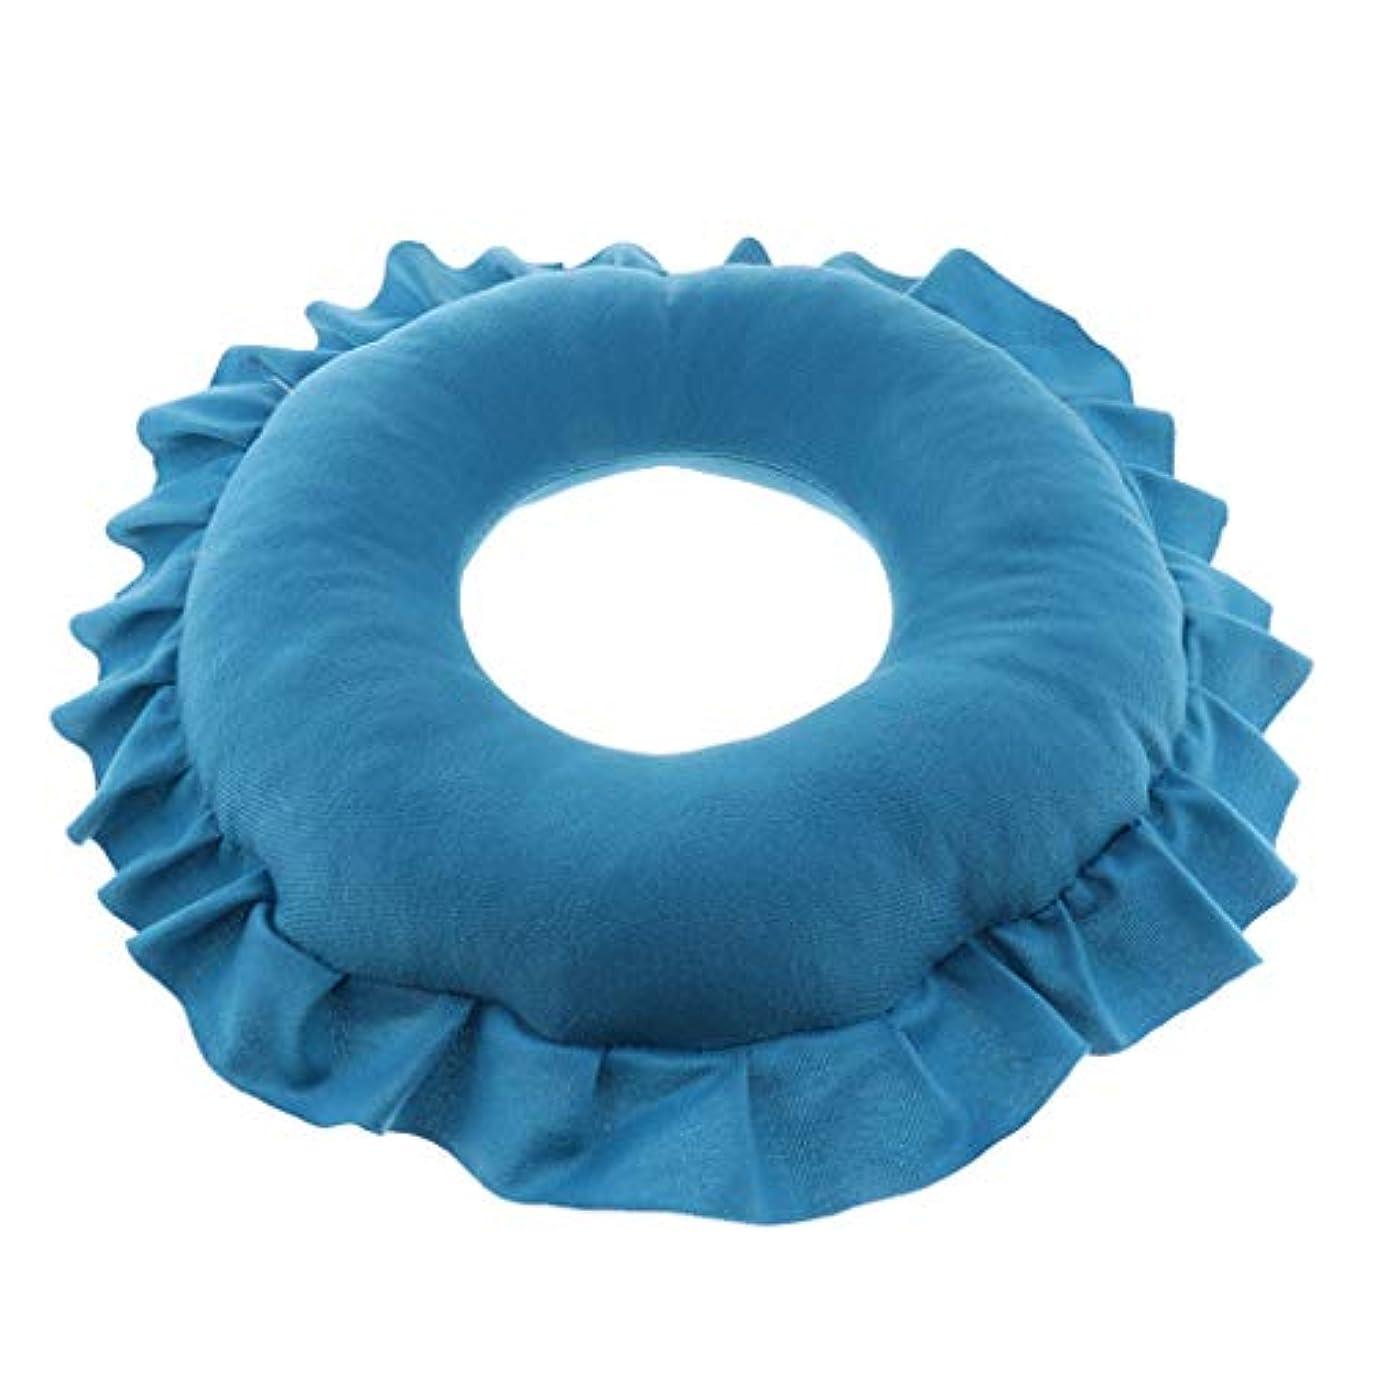 後継結婚するベアリングサークルP Prettyia 顔マク フェイスマット マッサージ枕 顔枕 ラウンド 直径30cm 洗える 柔らかい 快適 全4色 - 青